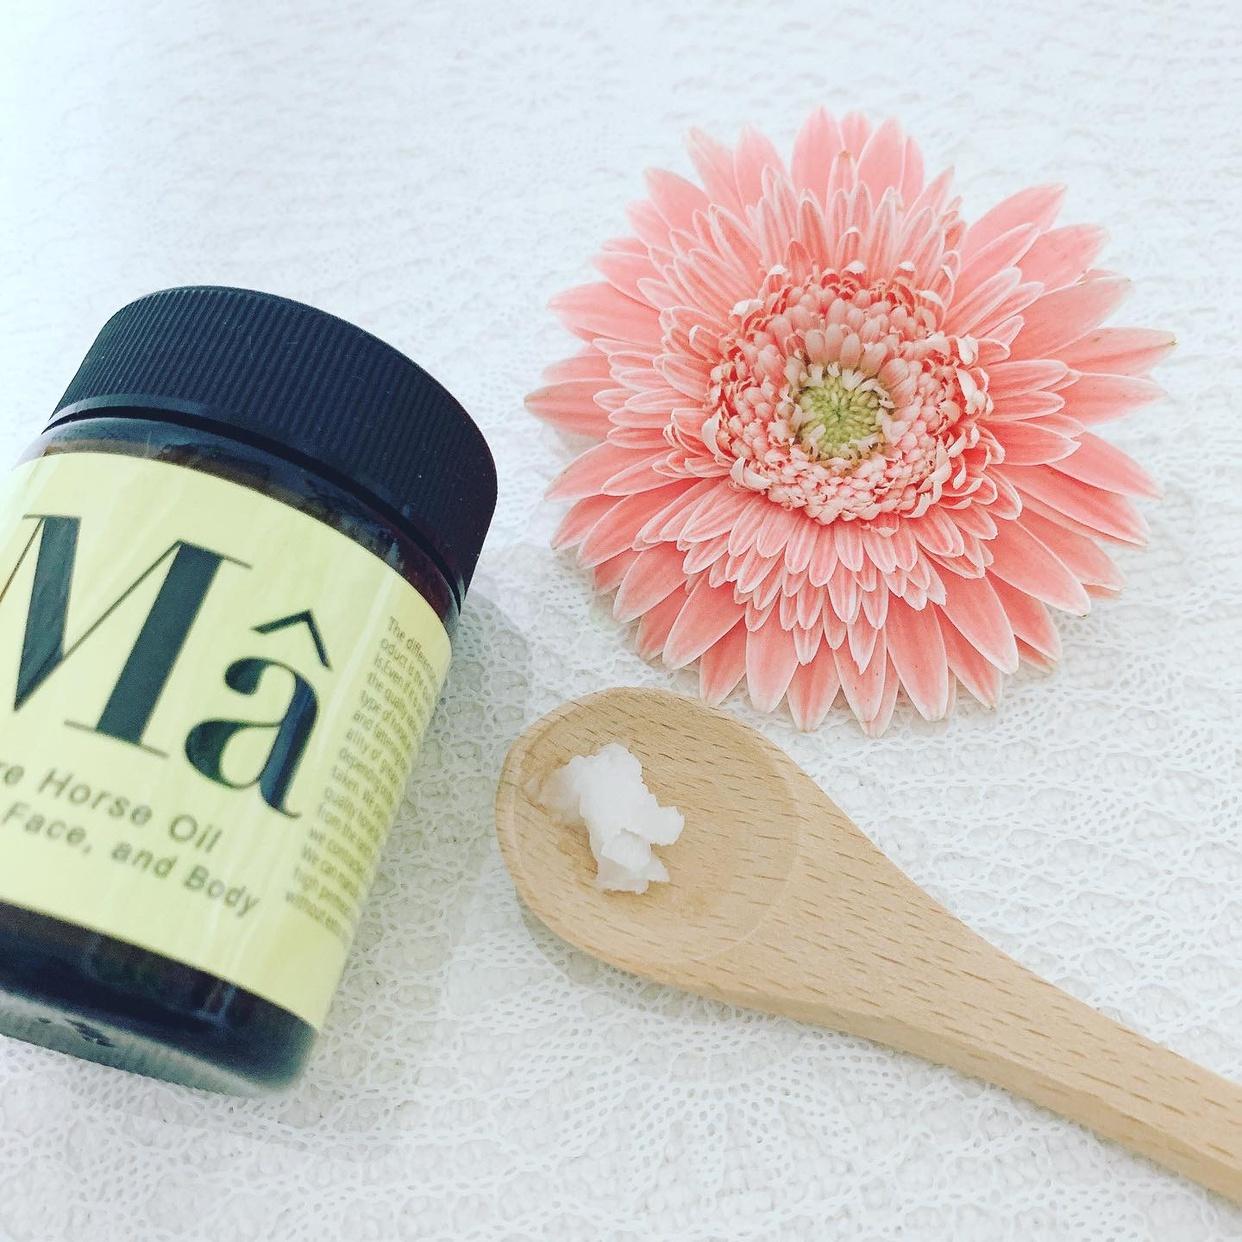 MA(エムエー) 美容保湿クリームを使ったkana_cafe_timeさんのクチコミ画像1